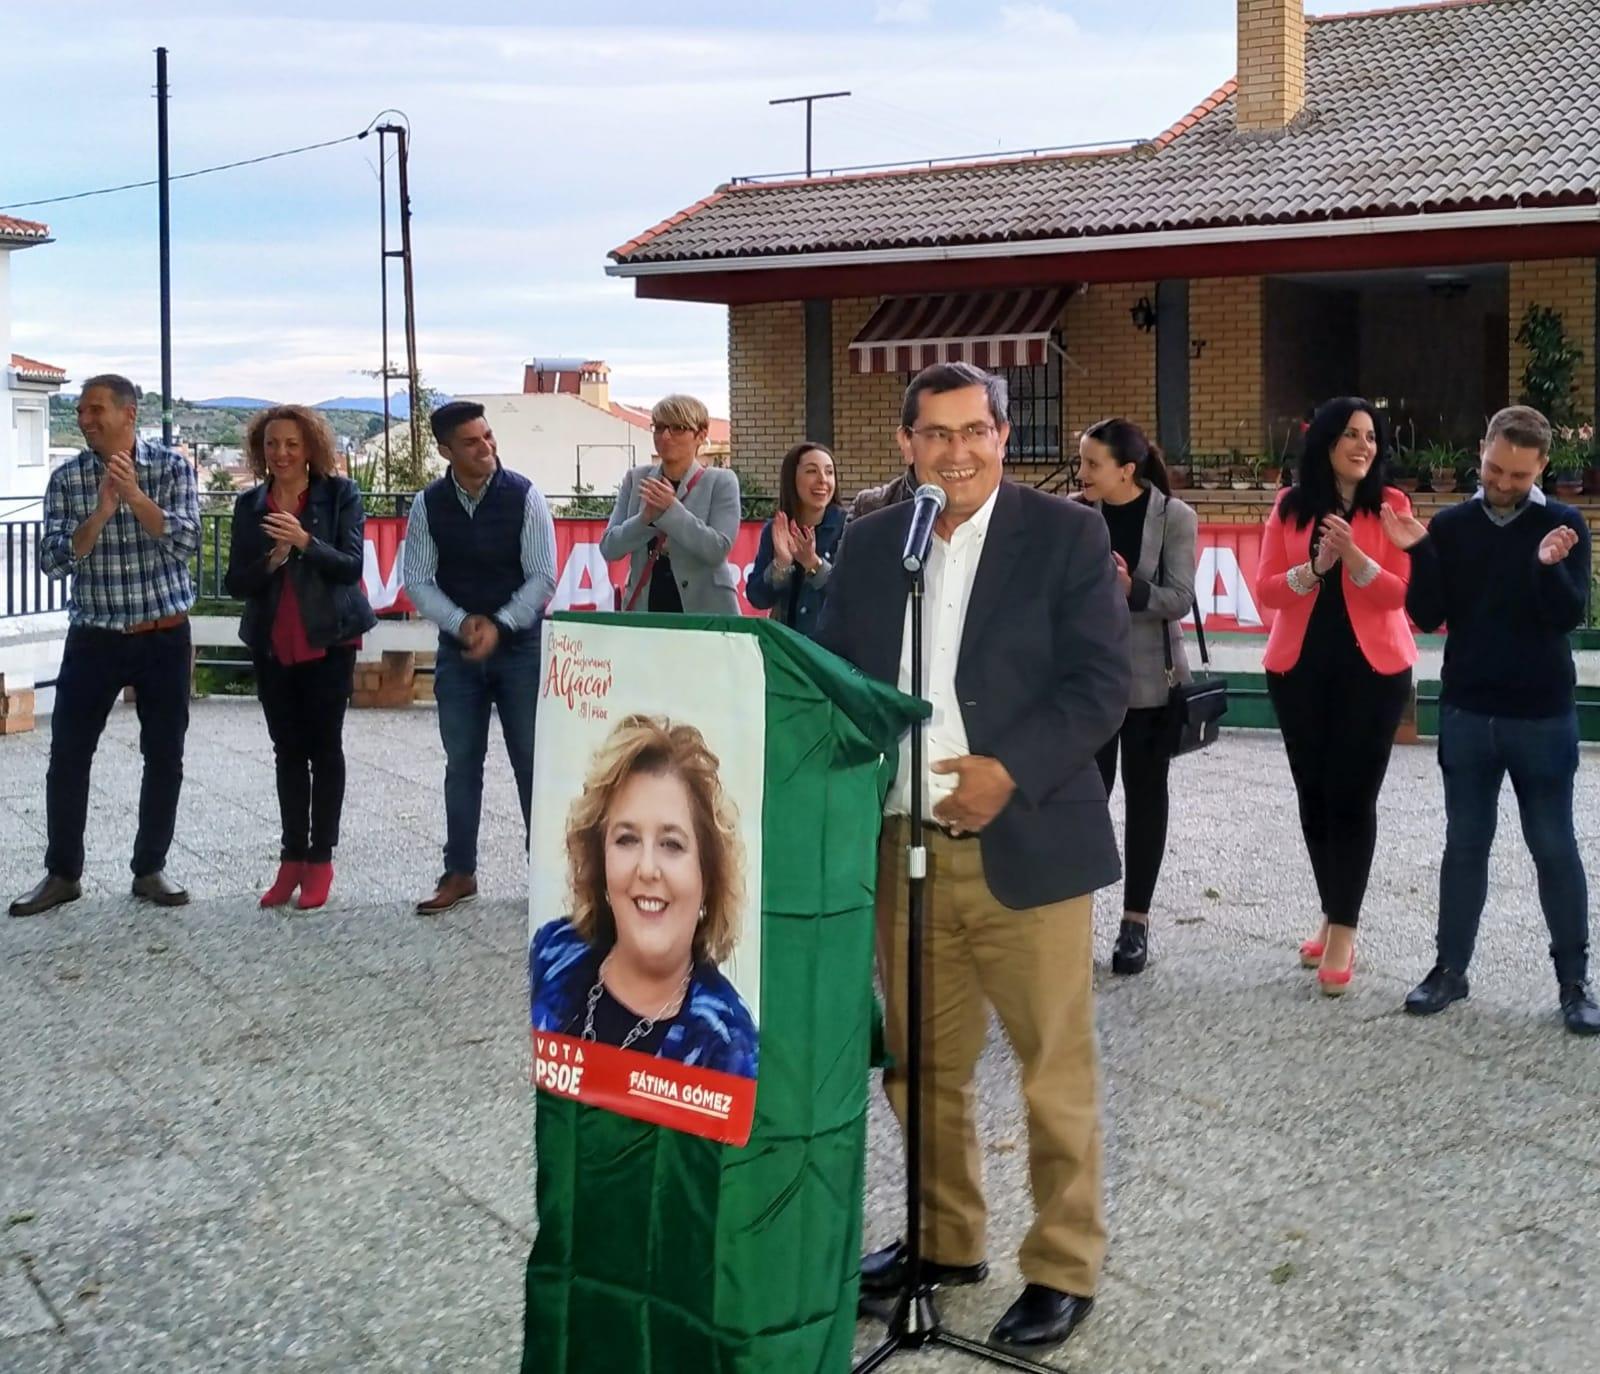 """#26M: Entrena pide una amplia mayoría socialista en Alfacar para seguir consolidando """"un proyecto de futuro y bienestar, sin bloqueos"""""""